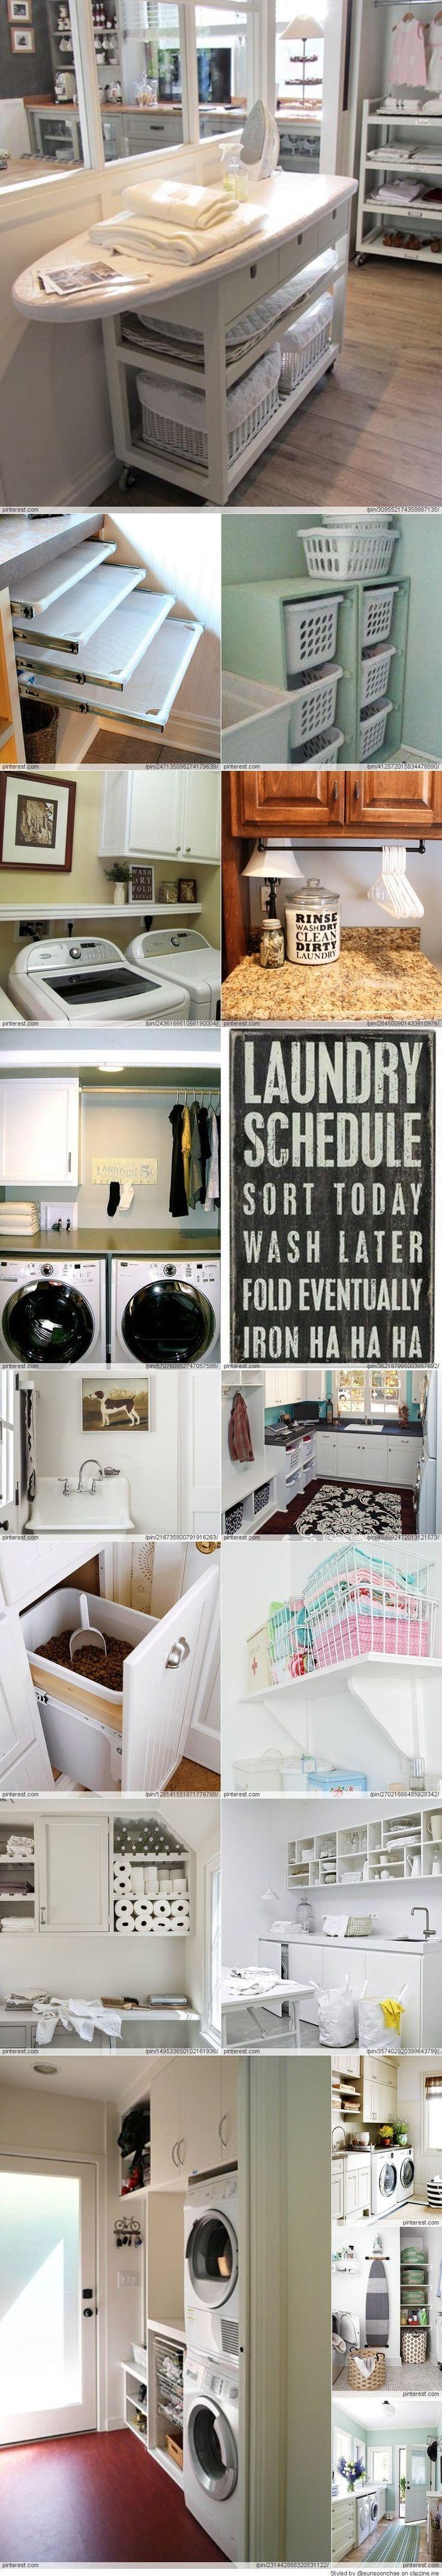 die laden zum pulli trocknen wohndeko waschk che waschraum und haus. Black Bedroom Furniture Sets. Home Design Ideas